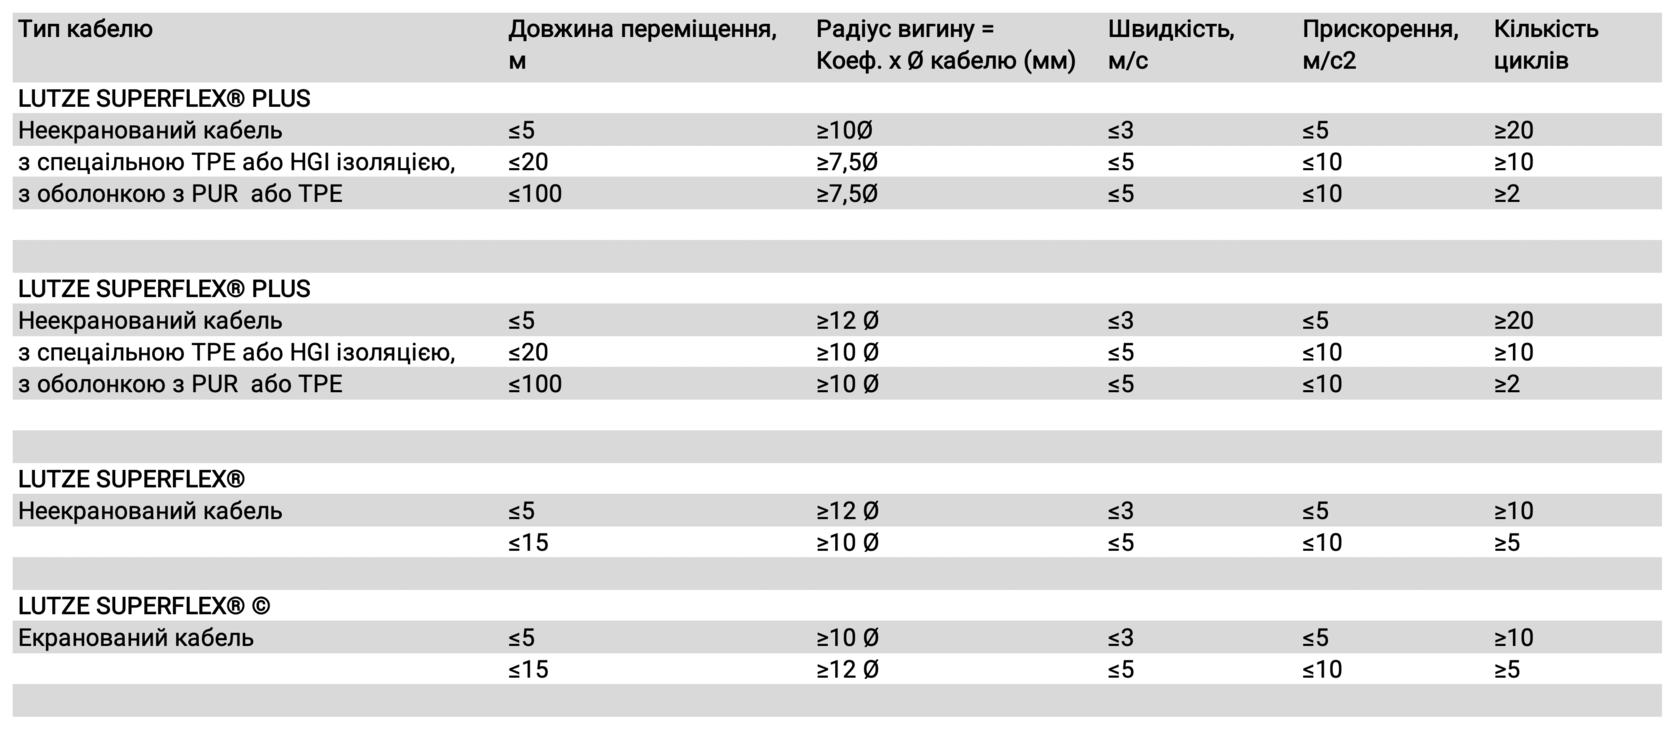 Таблиця особливо гнучких кабелів LUTZE для буксованих кабельних ланцюгів